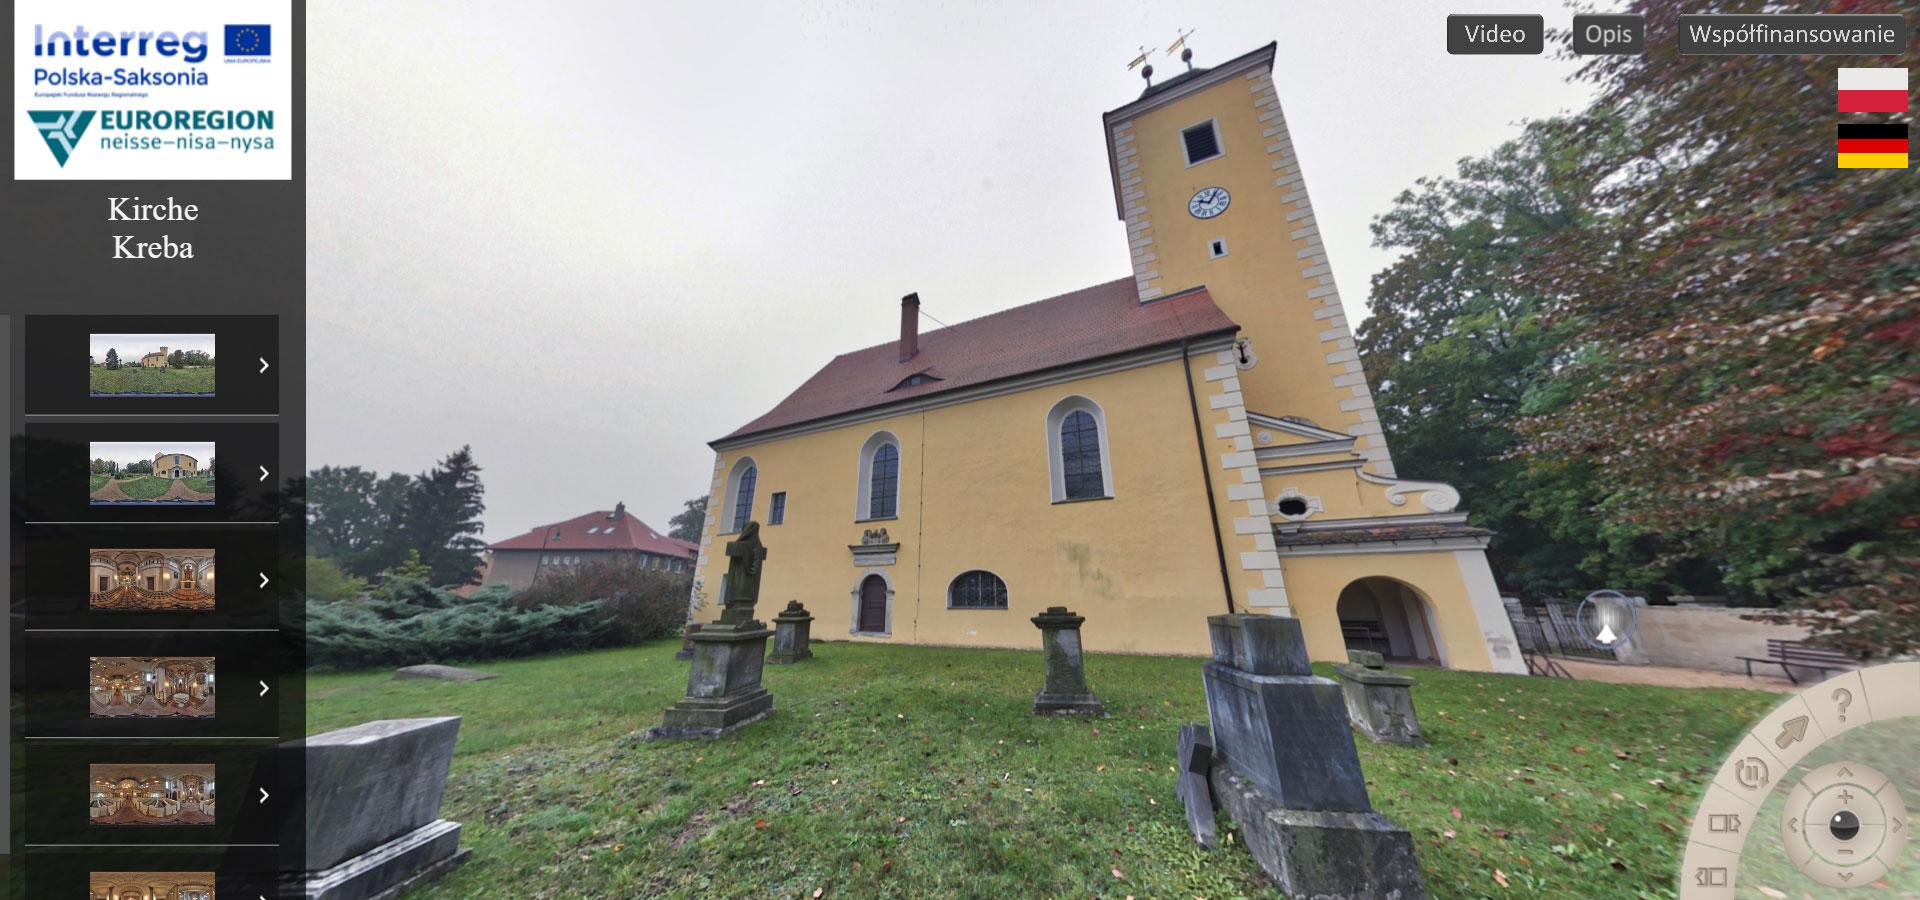 Kościół w Kreba